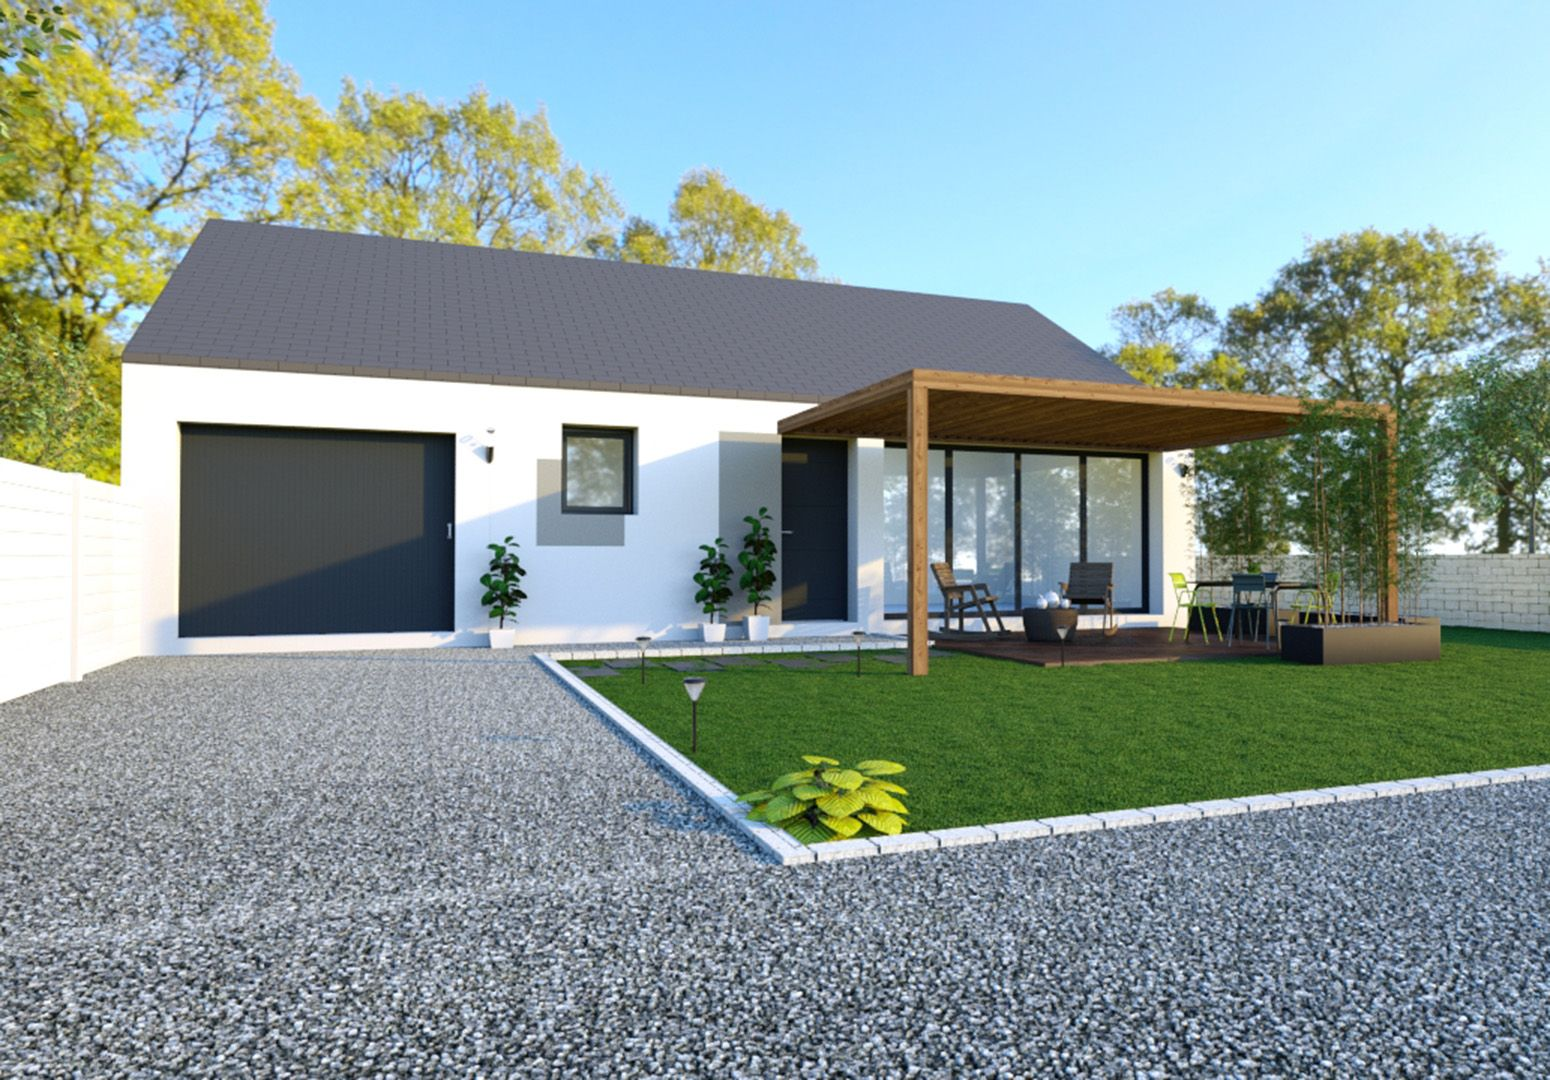 Image du modèle de maison NOUVOITOU 3CH 72